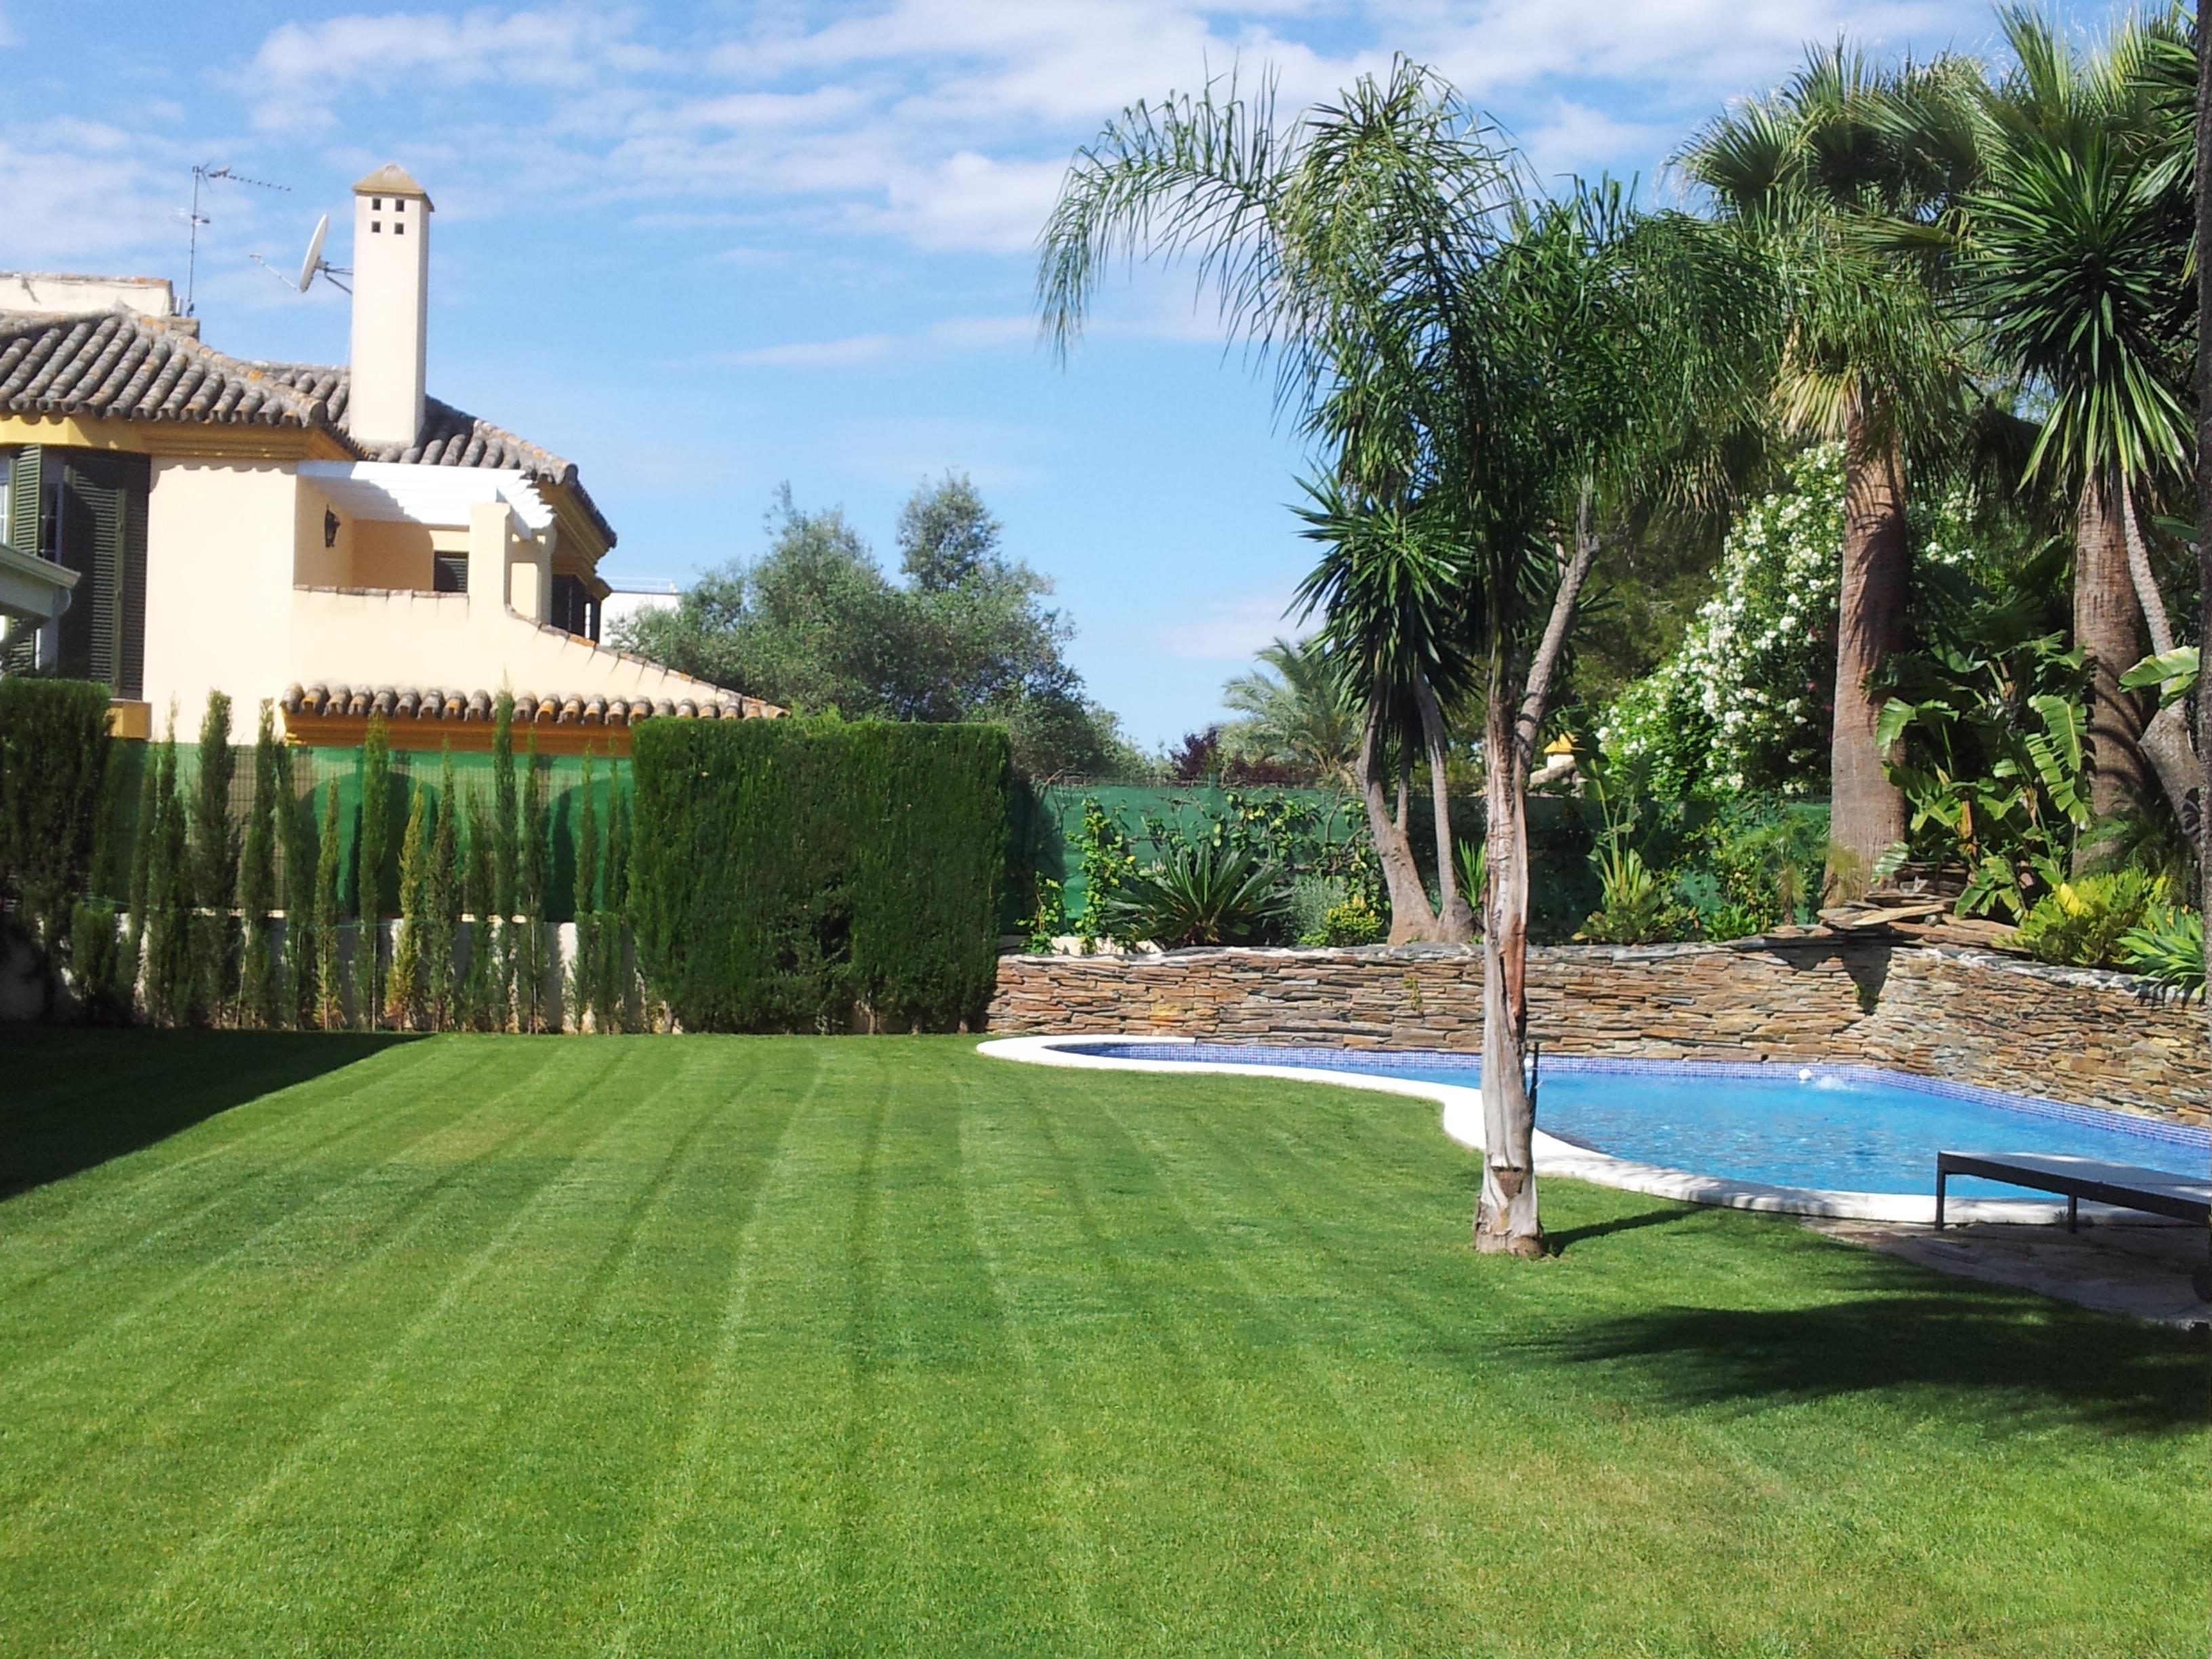 Dydos servicio integral de jardiner a centerata - Milar chinales ...